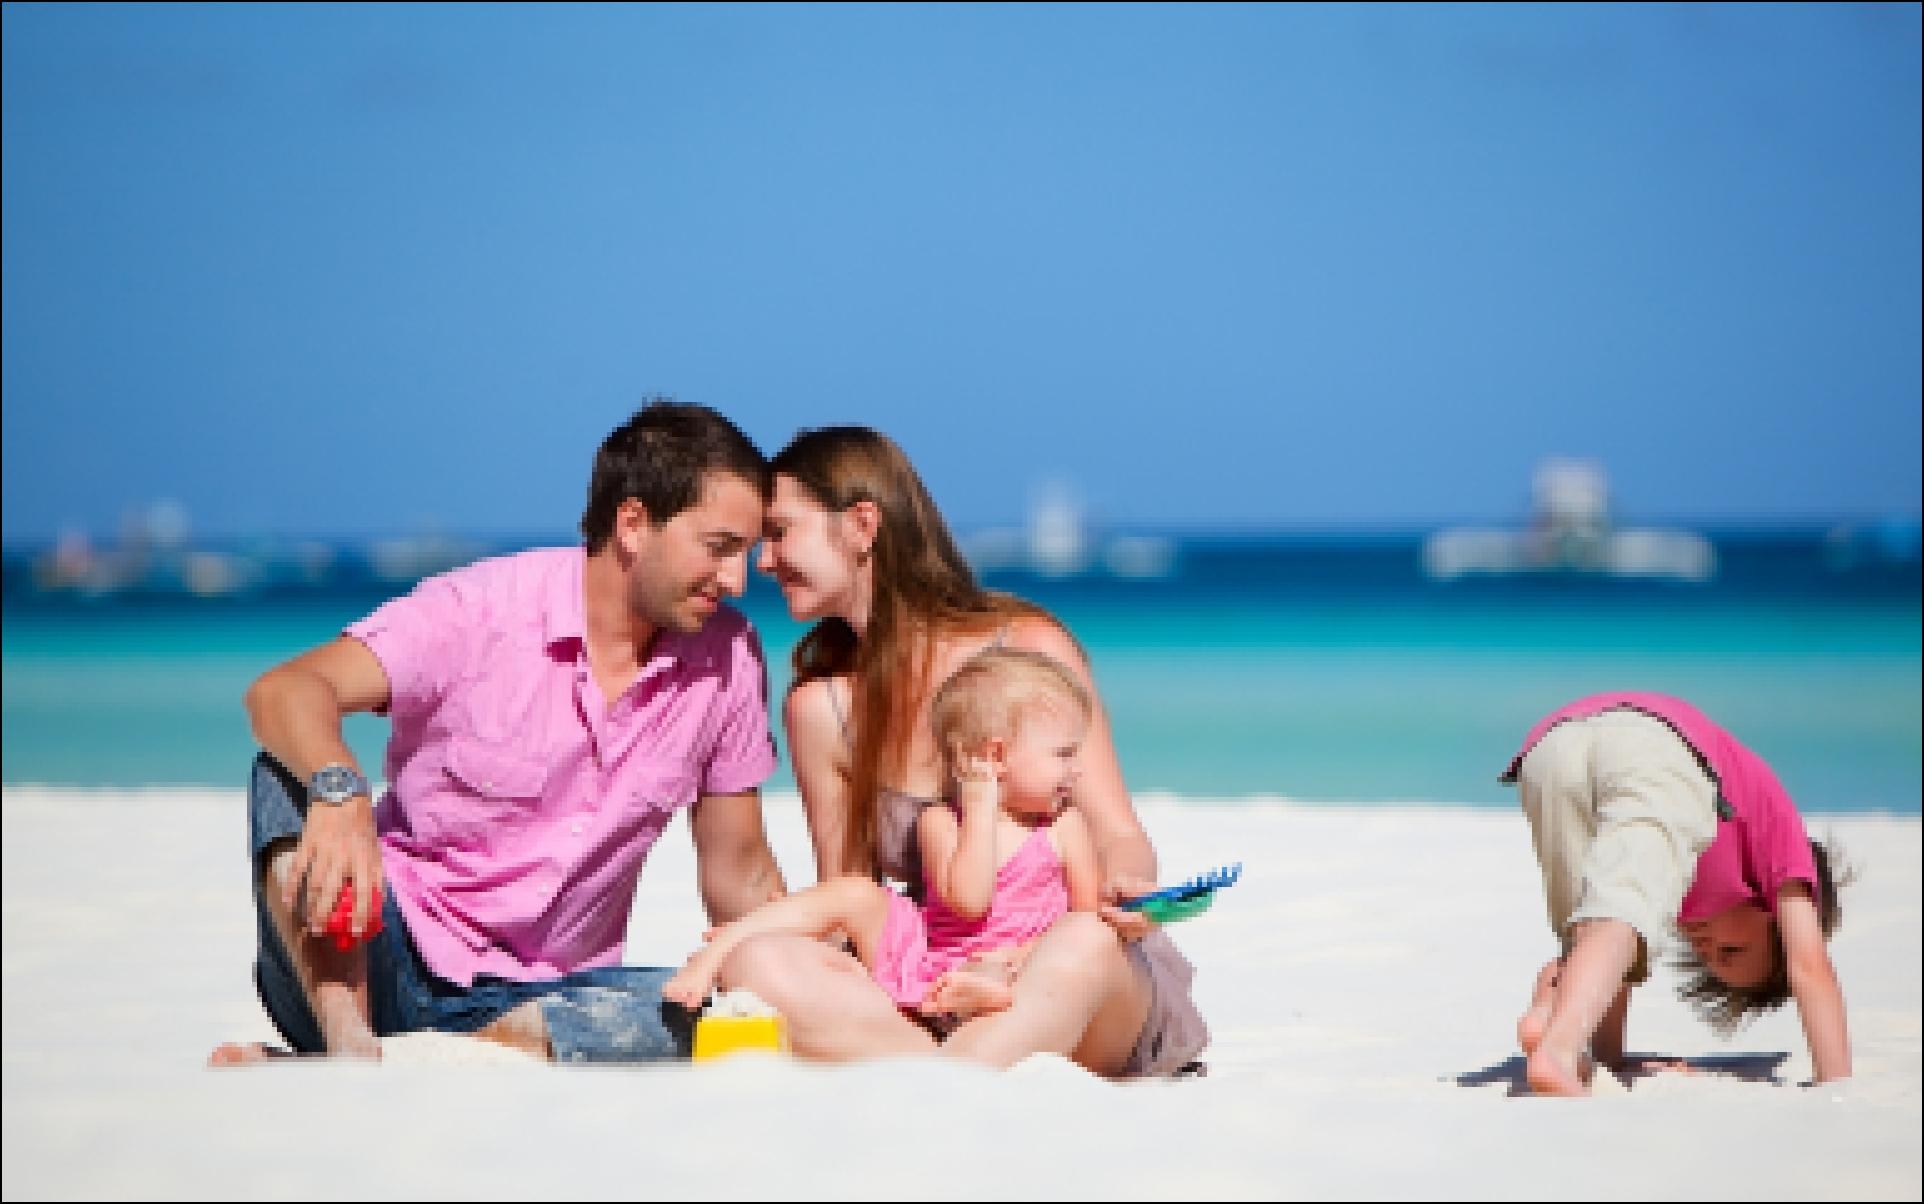 Рекомендации по обустройству райской жизни для всей семьи в Тае